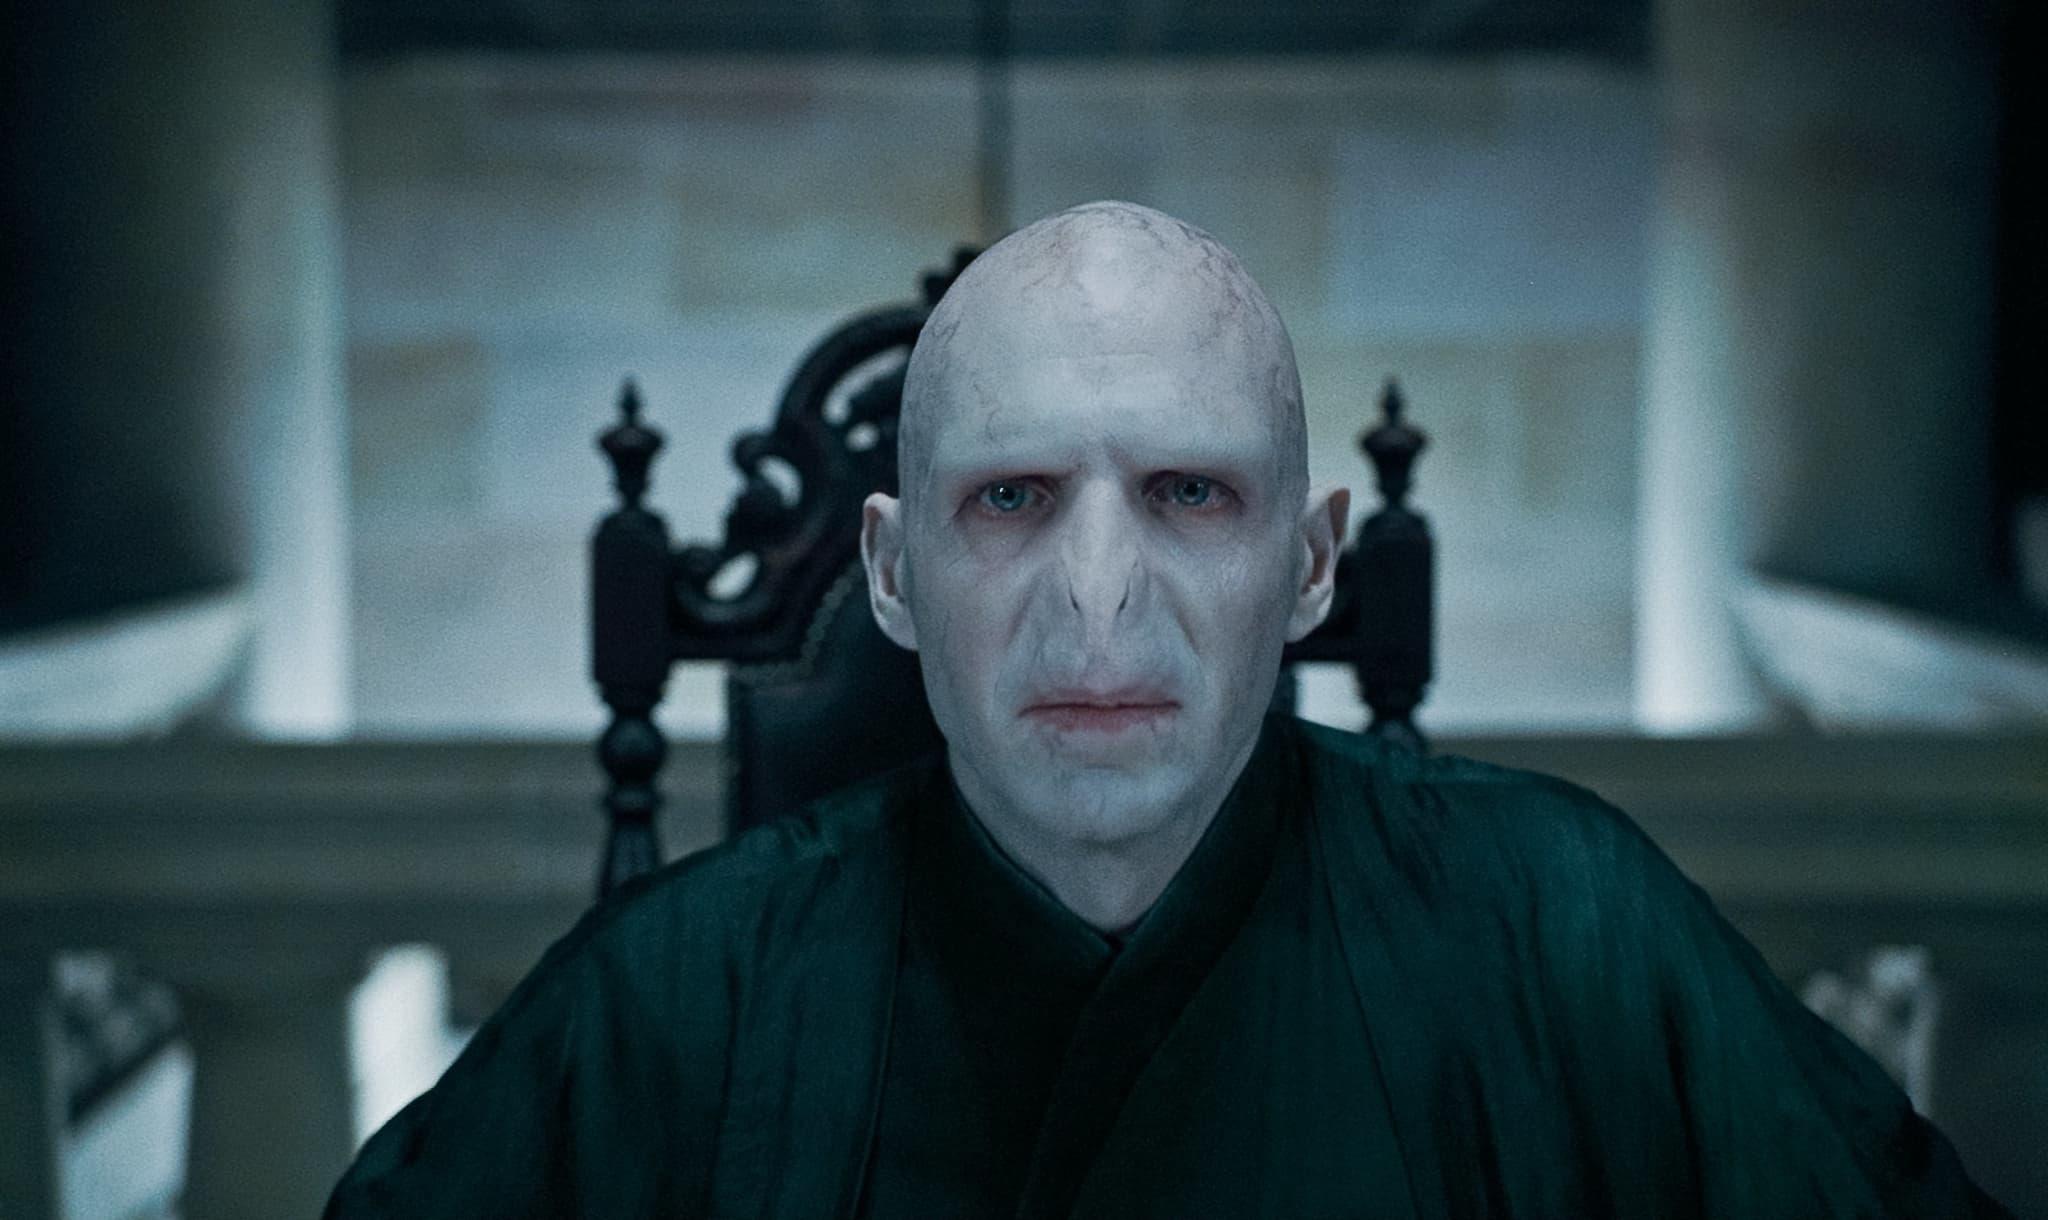 Voldemort (Ralph Fiennes), grand méchant parmi les méchants dans la saga Harry Potter.